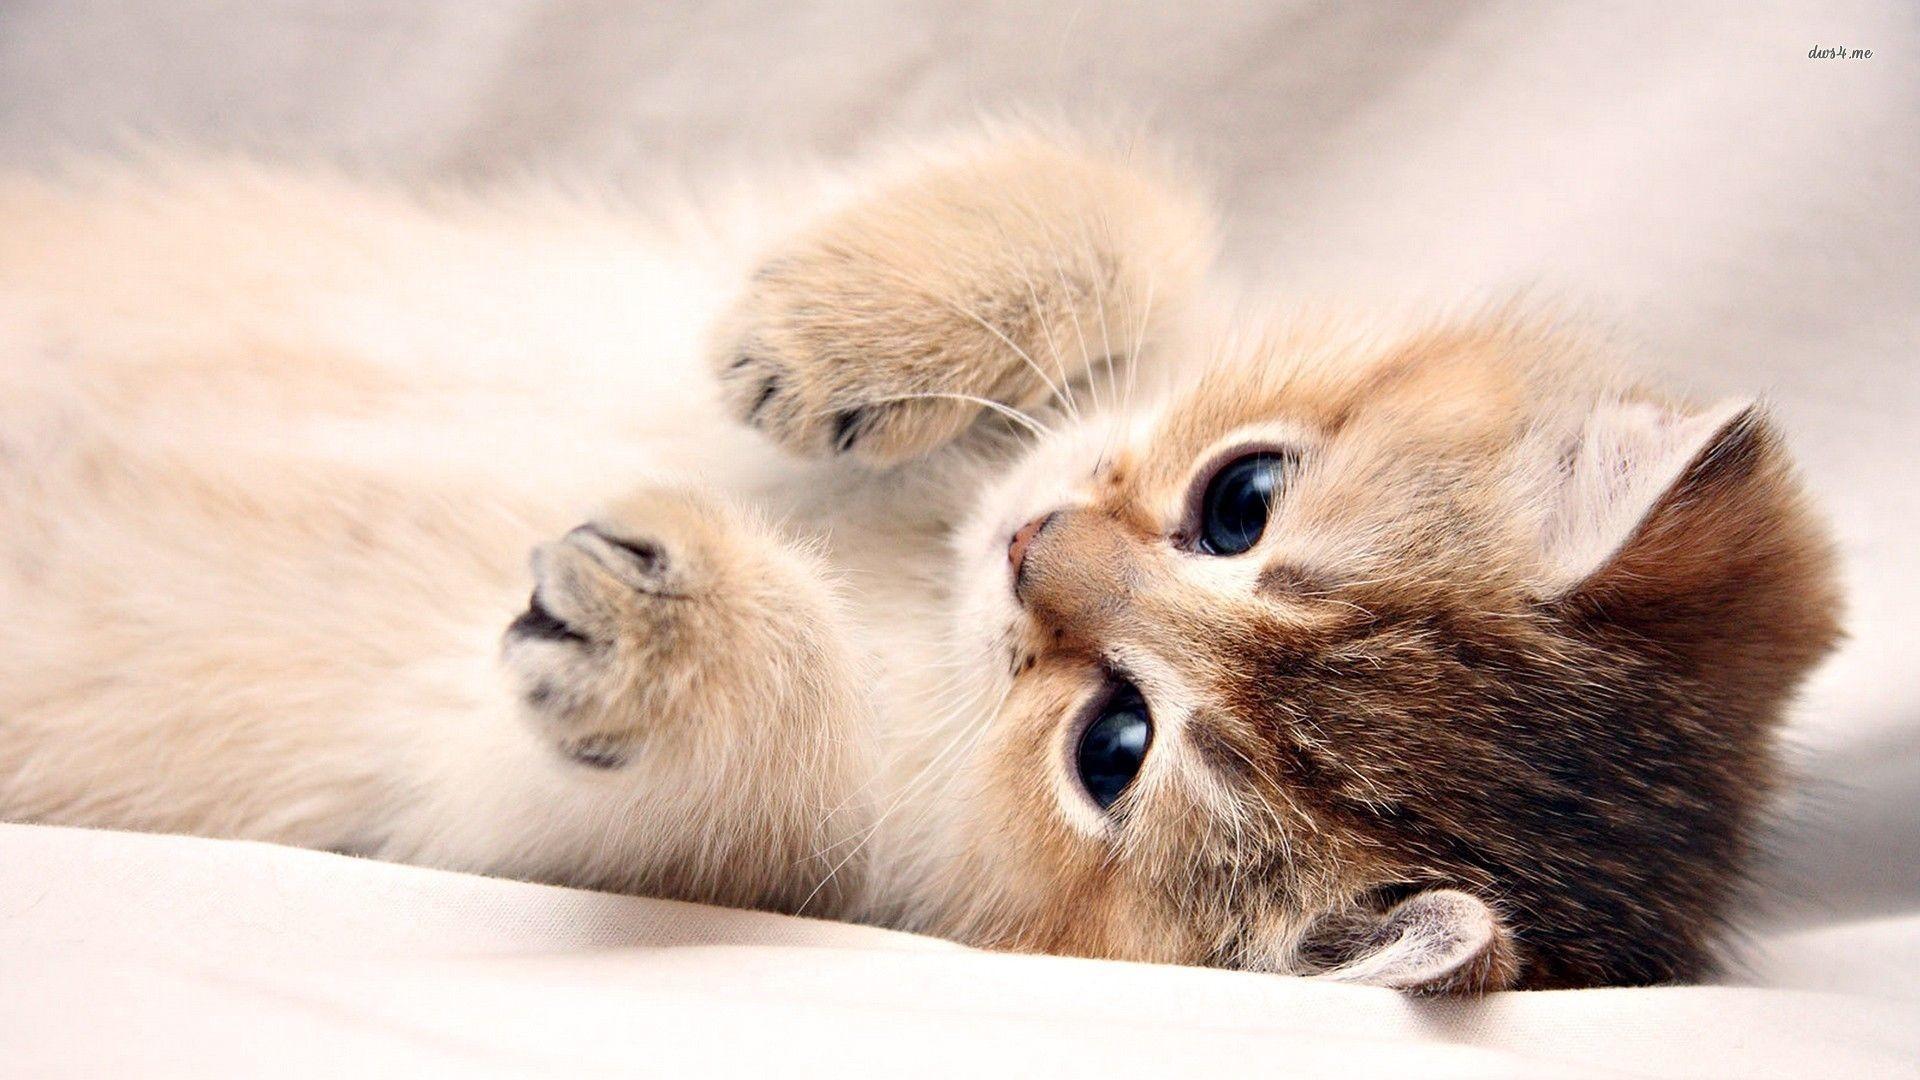 Wallpaper Kittens – WallpaperSafari